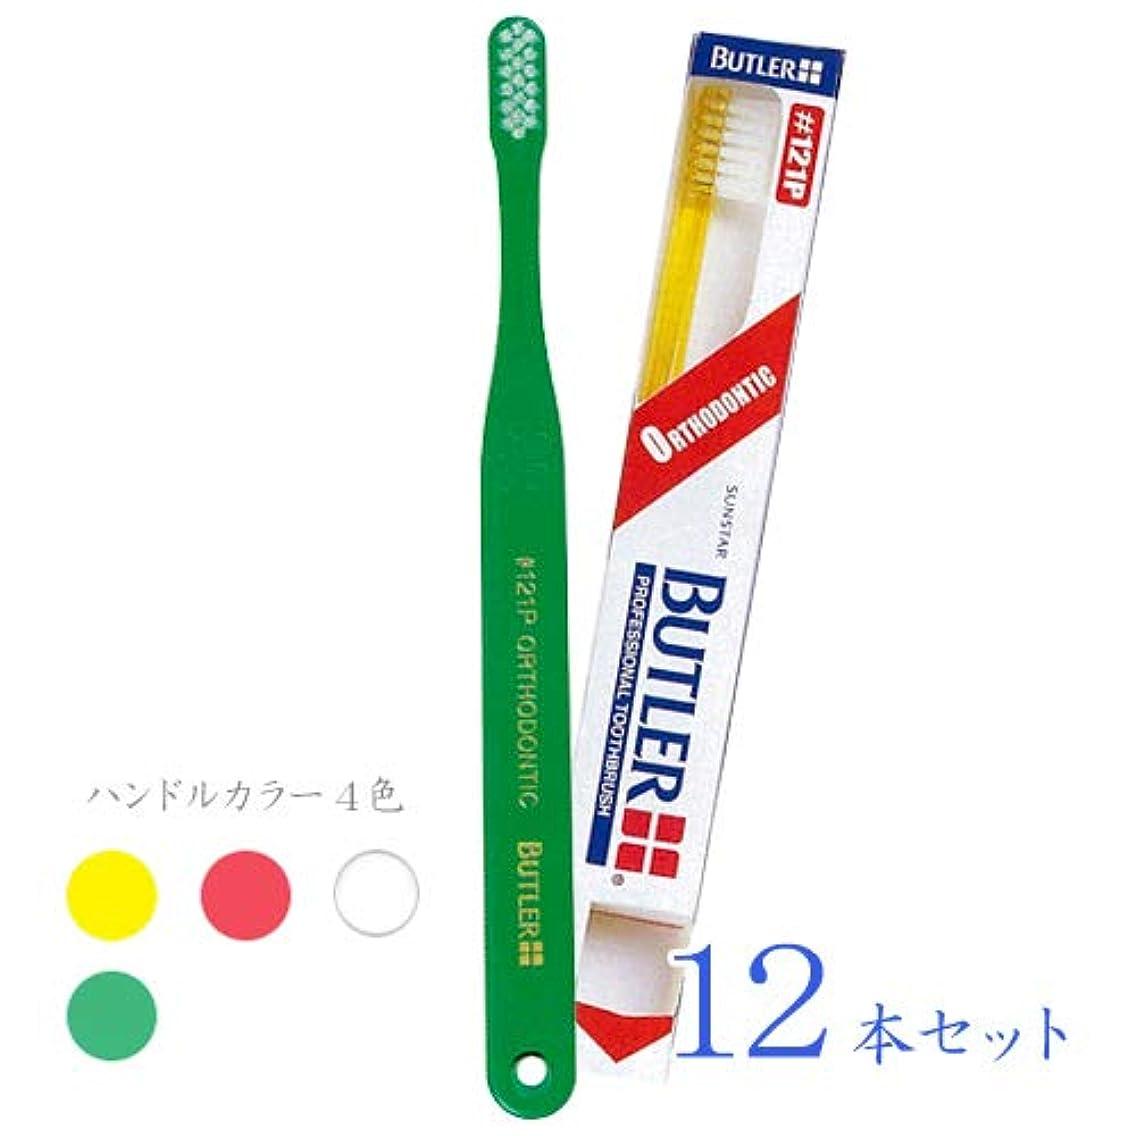 行為チョーク細部バトラー 歯ブラシ #121P 12本入